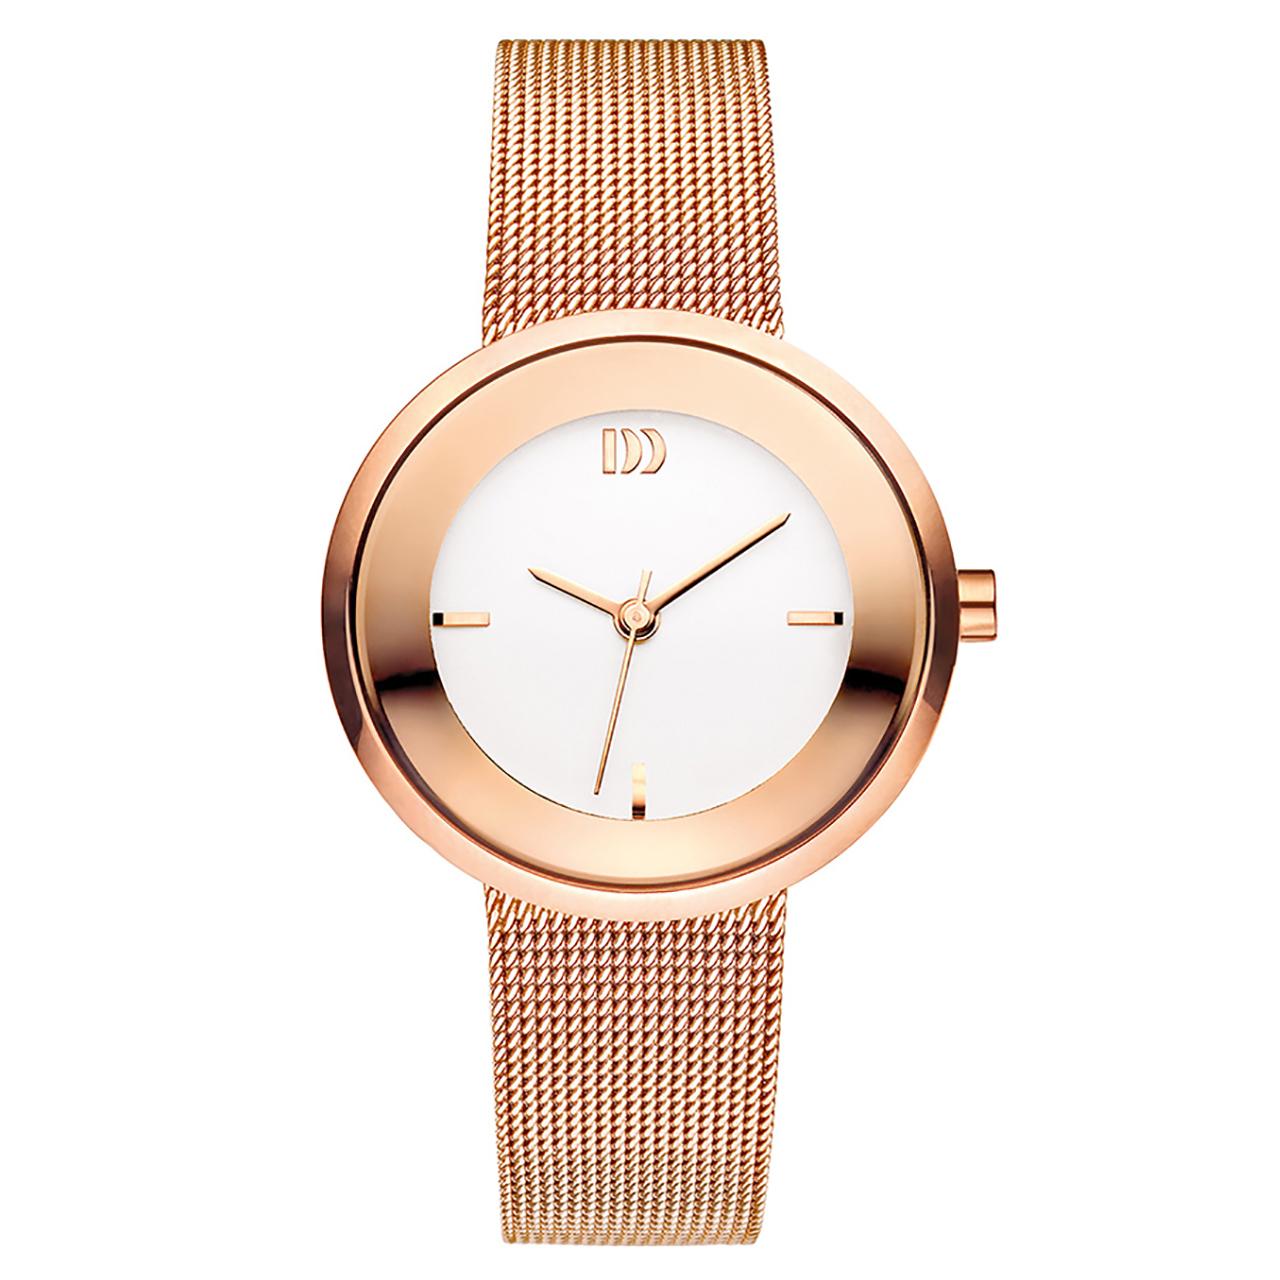 ساعت زنانه برند دنیش دیزاین مدل IV67Q1060